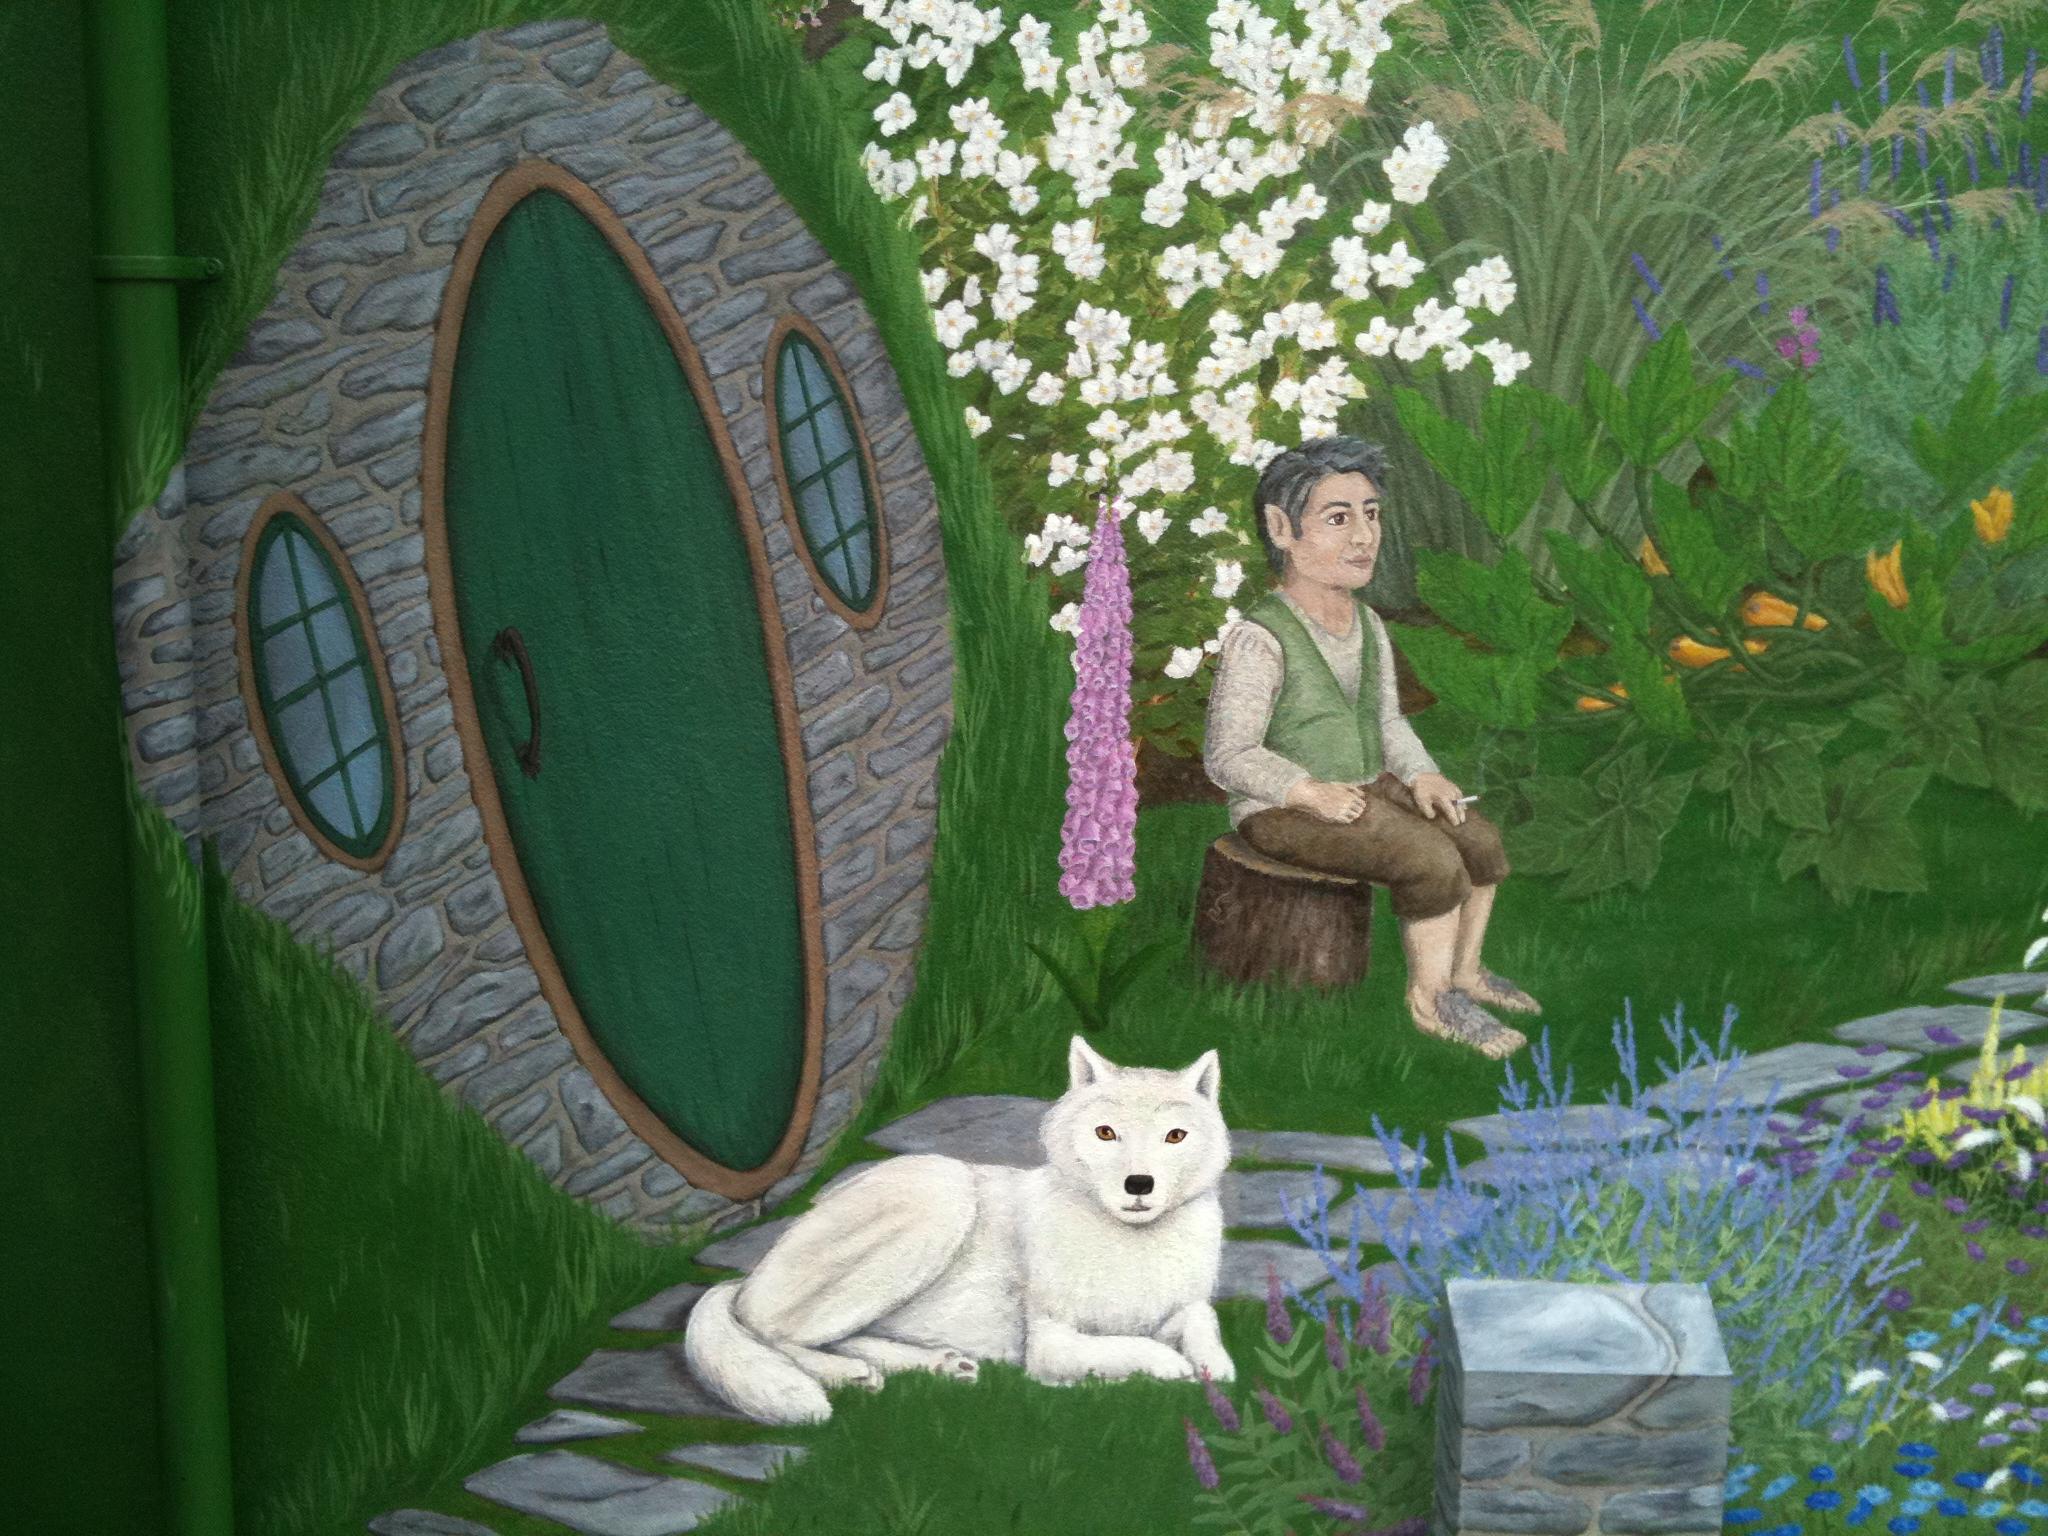 Secret Garden 6 Frederick Wimsett - murals and artistic design - other projects.jpg